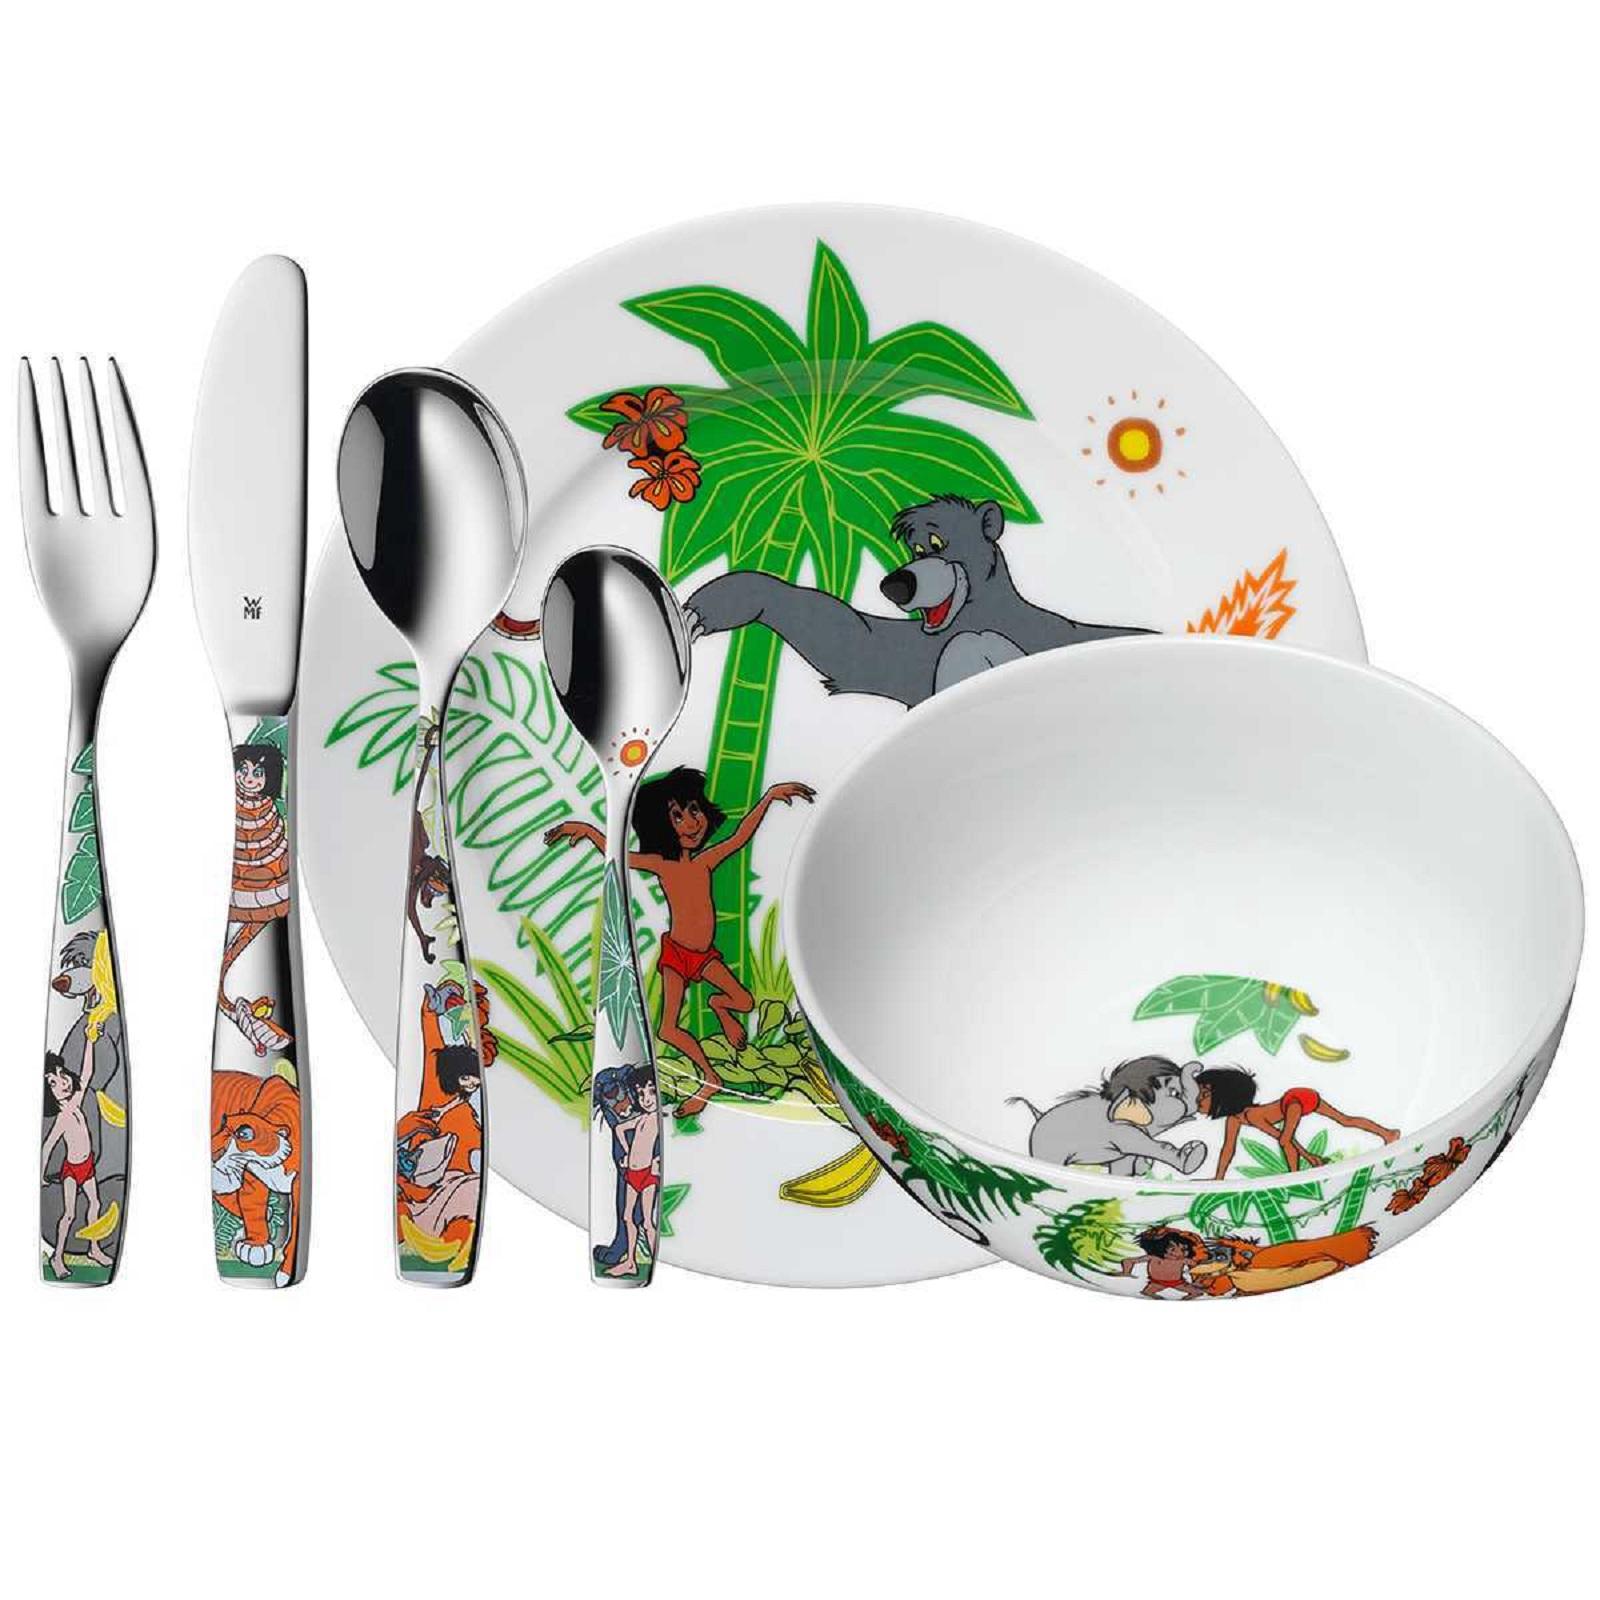 Онлайн каталог PROMENU: Набор столовый детский 6 пр. WMF Jungle Book  (12 8330 9964) WMF 12 8330 9964